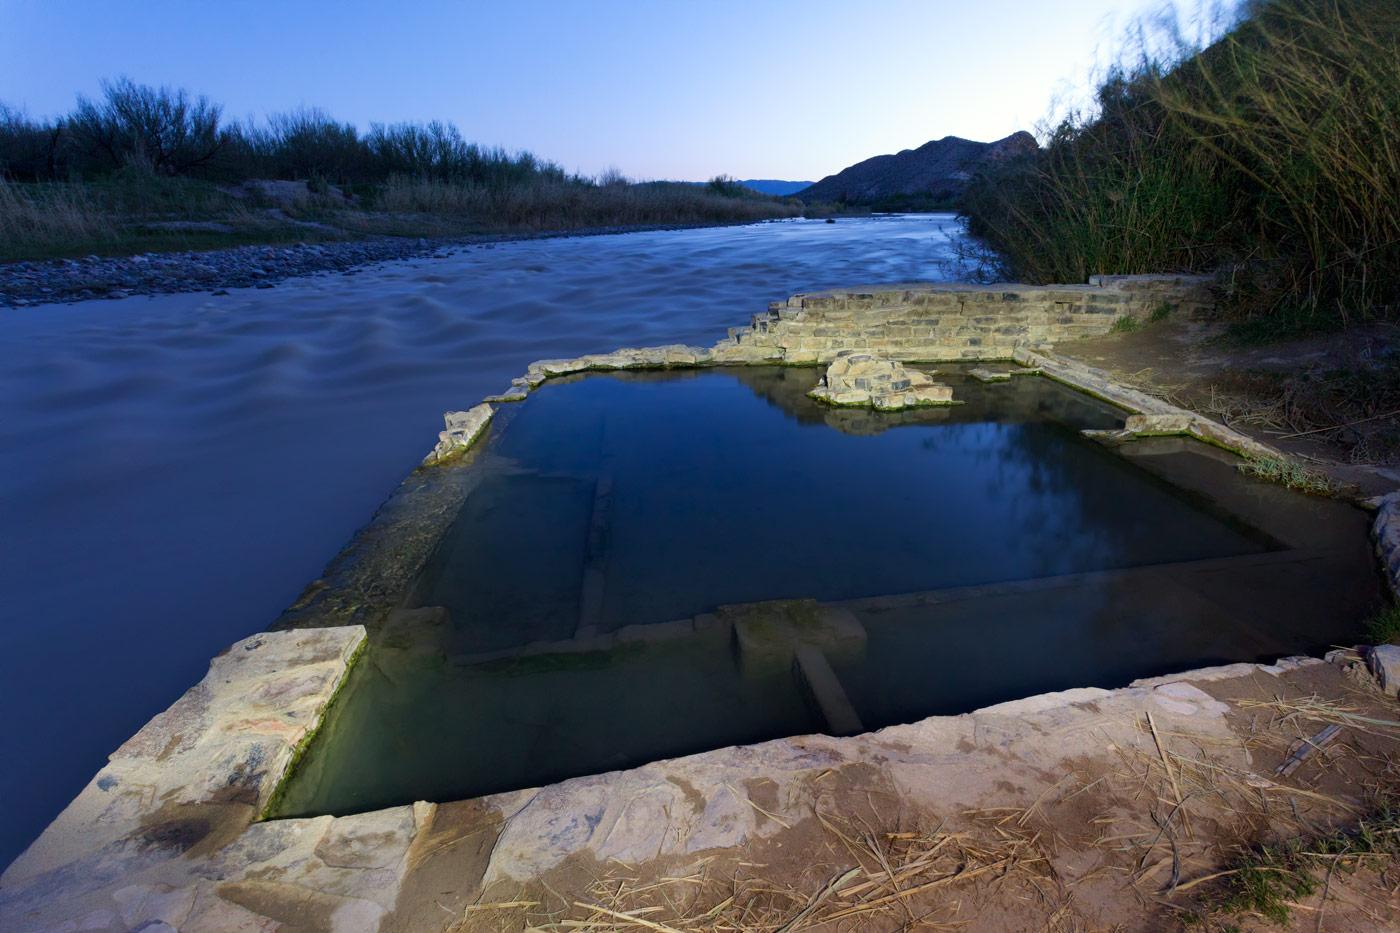 Big-Bend-National-Park-ABP-Hot-Springs.jpg